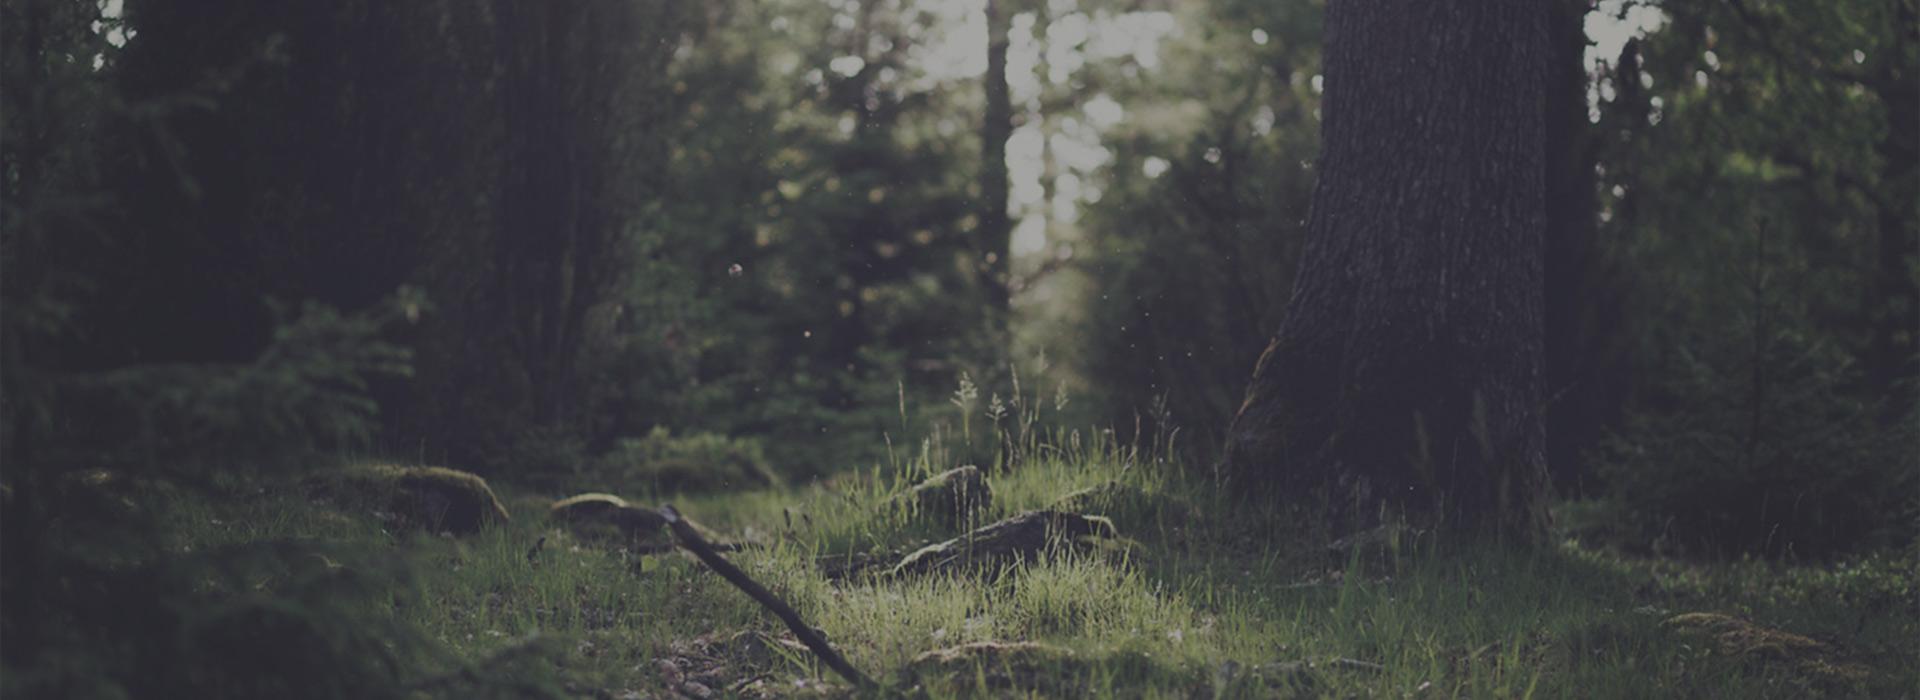 Wortezauber Zauberwald